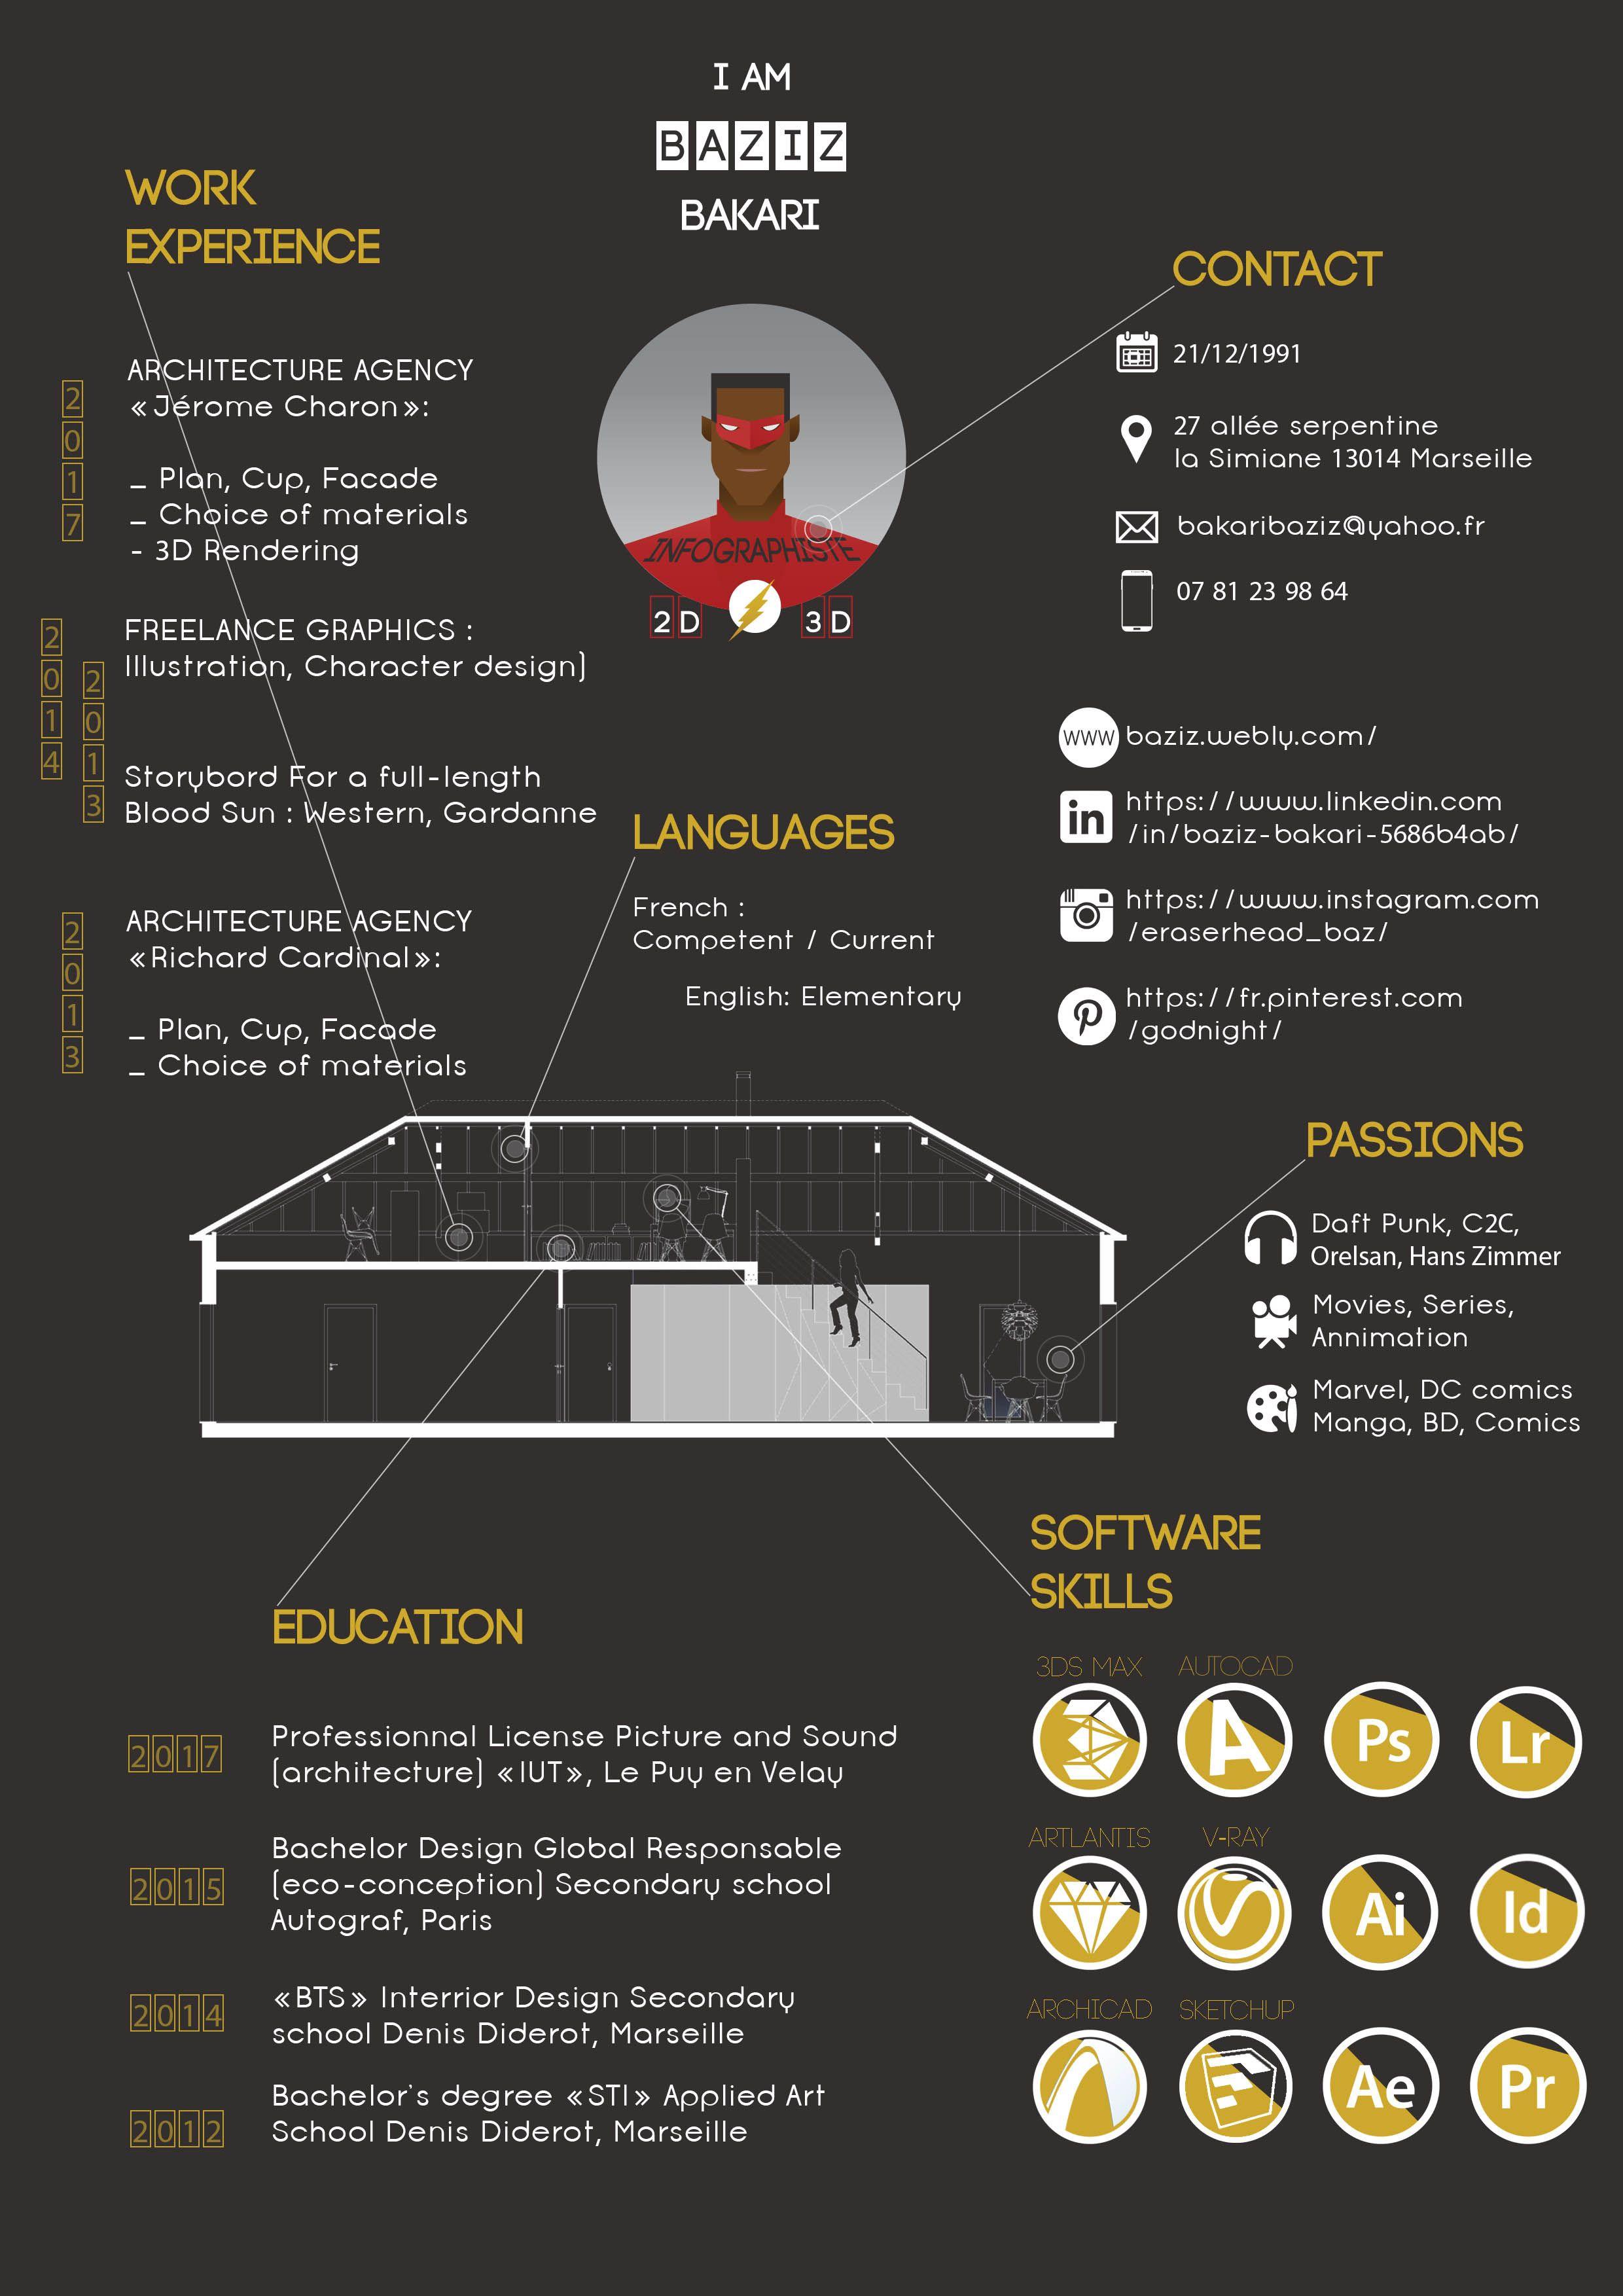 curriculum vitae by baziz bakari  infographiste  infographiste3d  infographiste2d  illustrateur